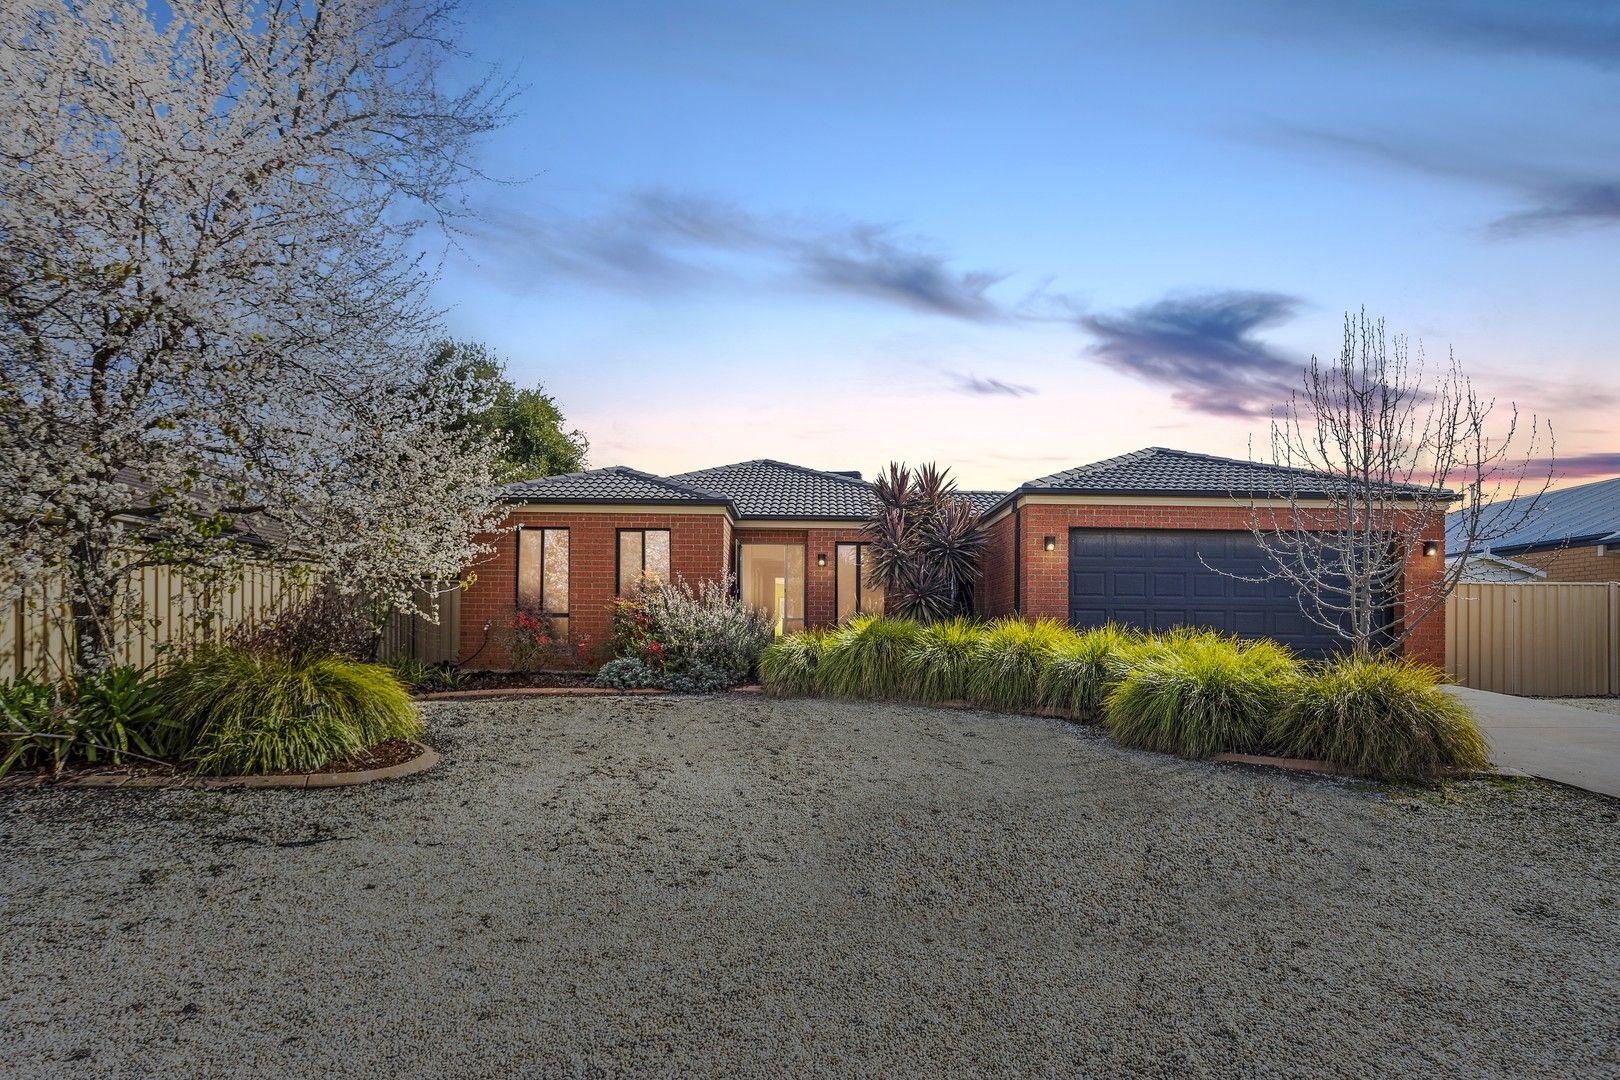 70 Bassett Drive, Strathfieldsaye VIC 3551, Image 0